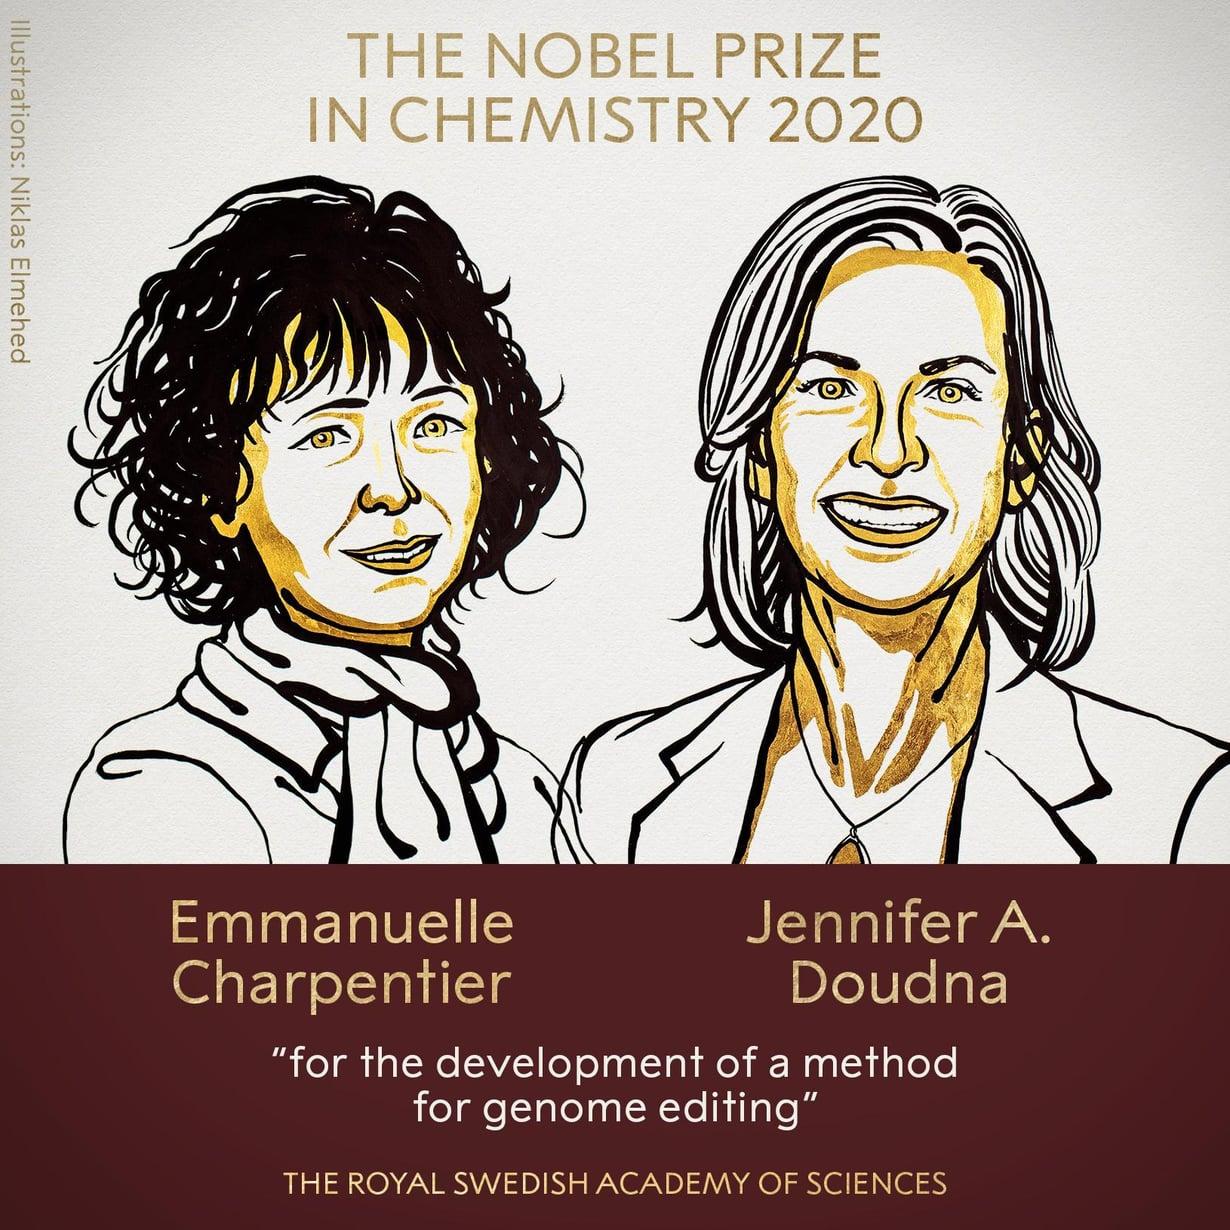 Nobelistit Emmanuelle Charpentier ja Jennifer Doudna kehittivät mullistavan keinon muokata eliöiden perimää. Kuva: Niklas Elmehed / Ruotsin kuninkaallinen tiedeakatemia